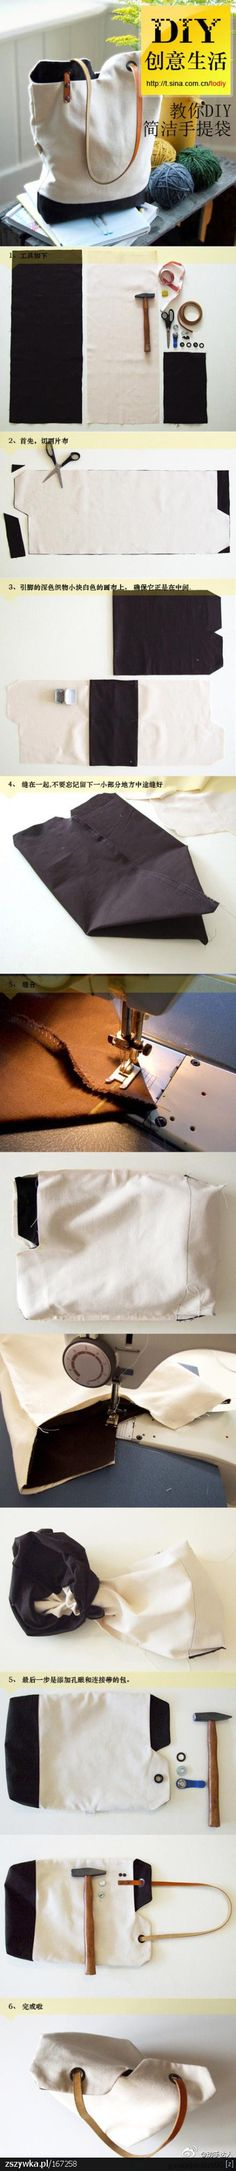 DIY tote bag //